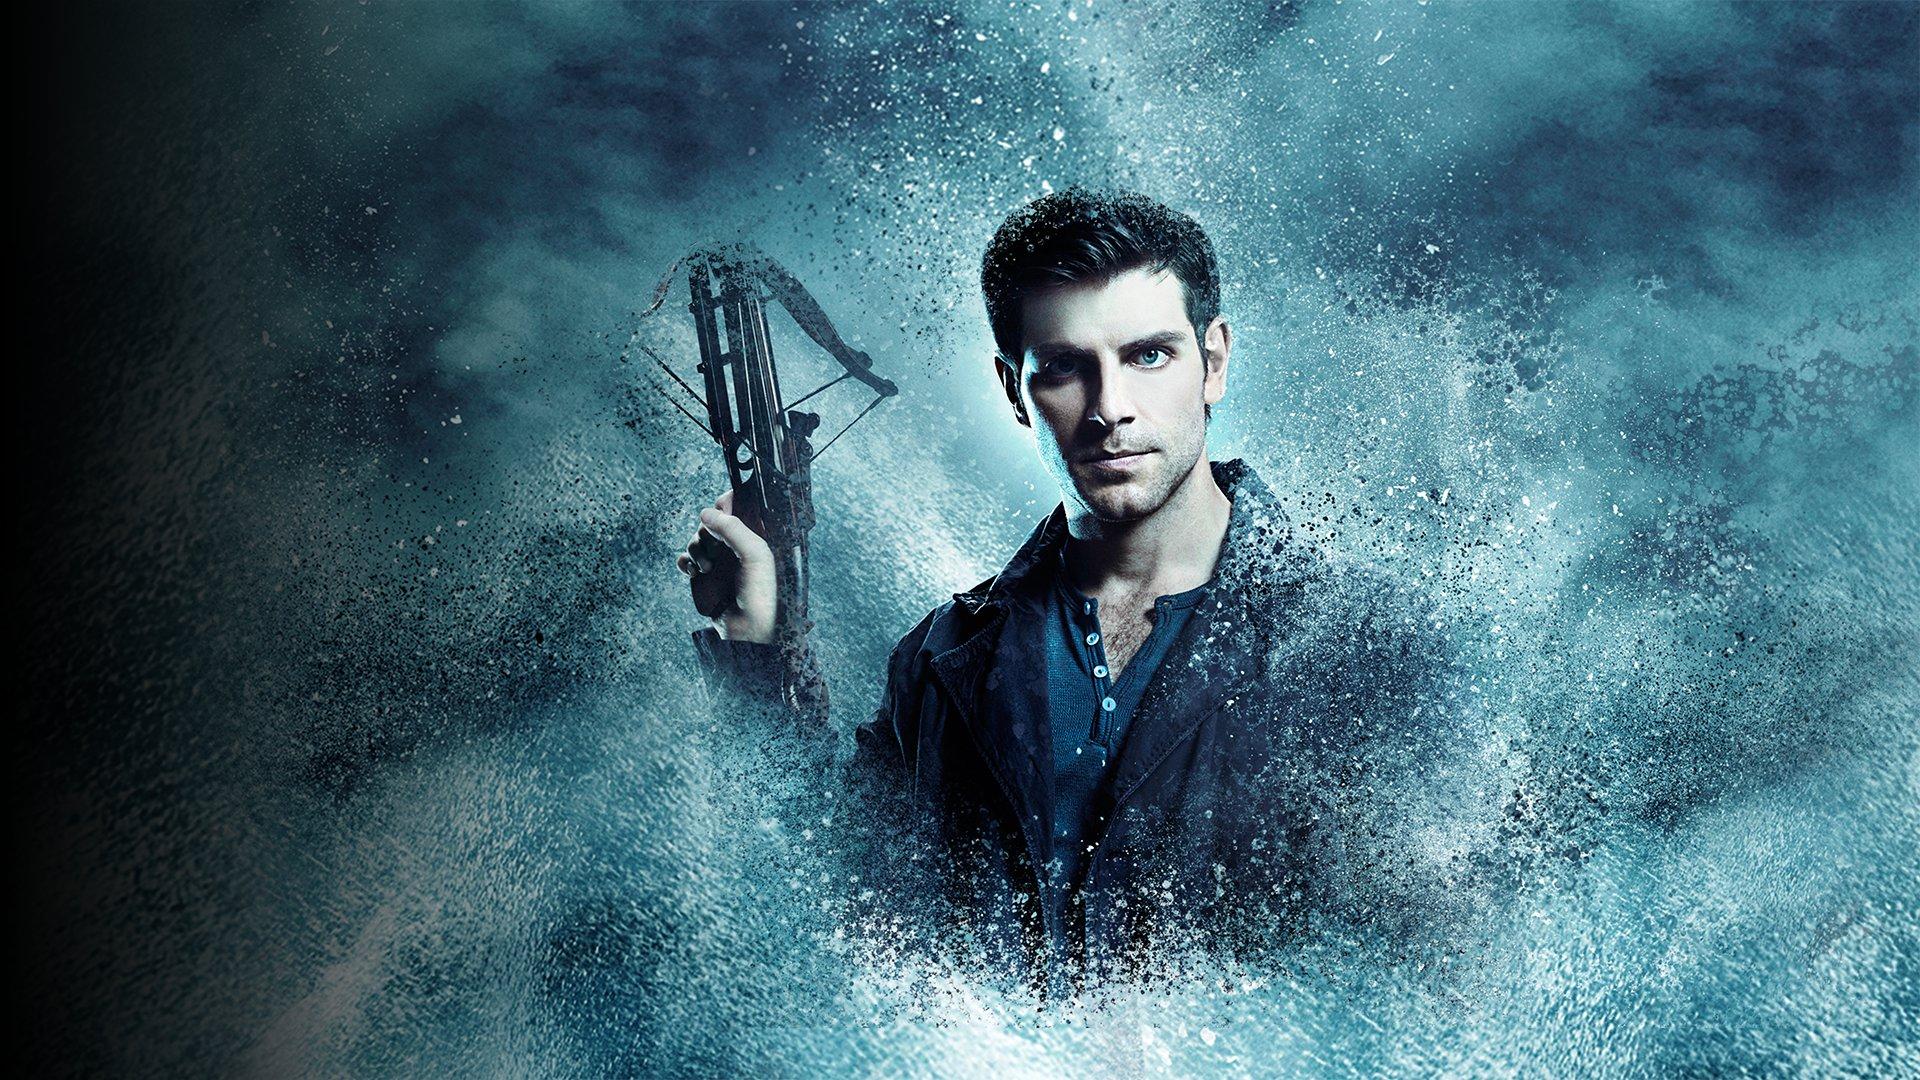 fond Grimm: La saison 4 débarque le 25 septembre